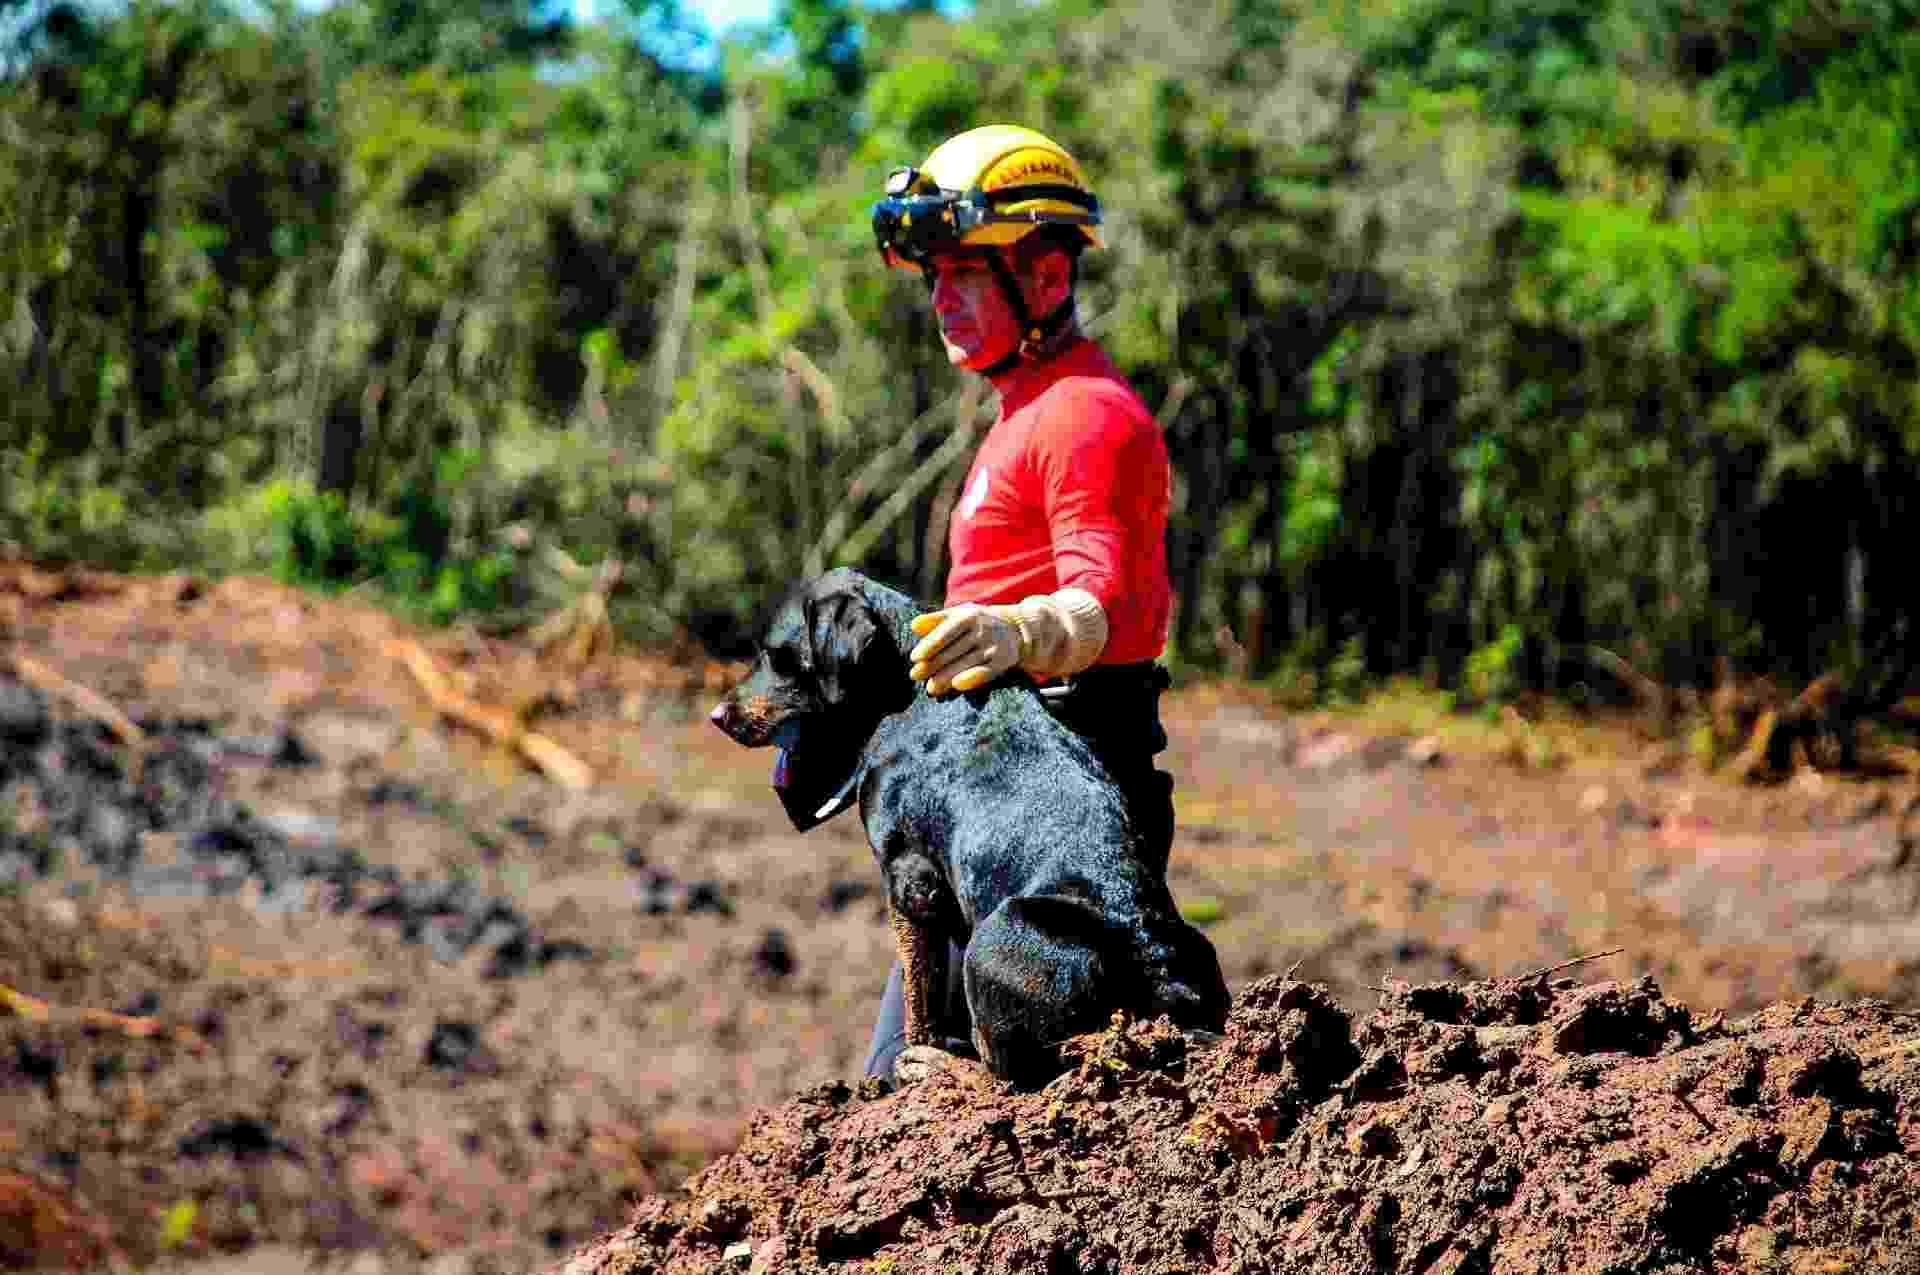 7.mar.2019 - Bombeiros continuam as buscas por corpos mais de 40 dias após o rompimento da barragem da Vale, no Córrego do Feijão, em Brumadinho (MG) - Diogo Antunes/Futura Press/Estadão Conteúdo